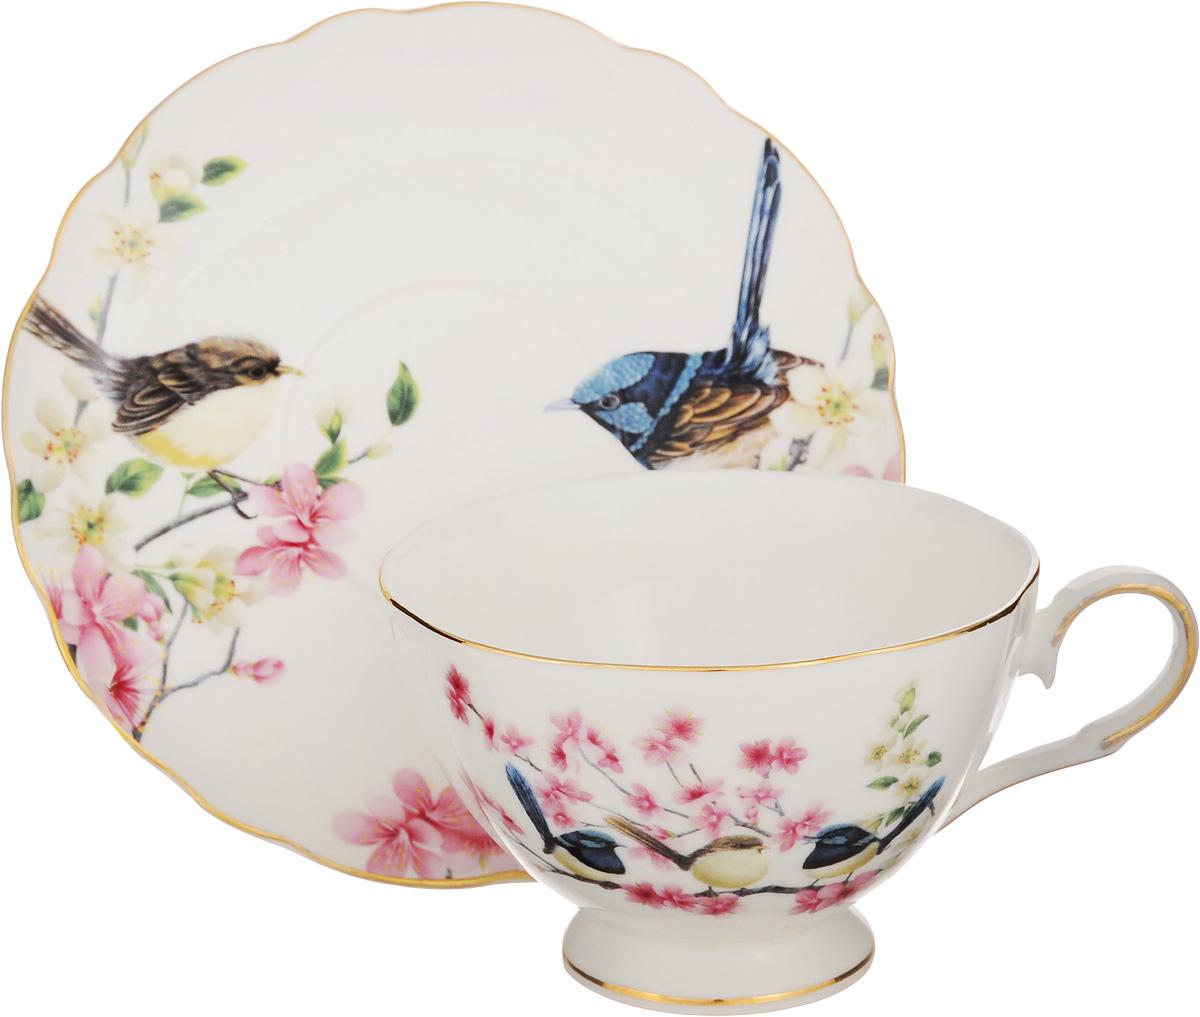 Чайная пара Elan Gallery Райские птички, 2 предмета54 009303Чайная пара Elan Gallery Райские птички состоит из чашки и блюдца, изготовленных из керамики высшего качества, отличающегося необыкновенной прочностью и небольшим весом. Яркий дизайн, несомненно, придется вам по вкусу.Чайная пара Elan Gallery Райские птички украсит ваш кухонный стол, а также станет замечательным подарком к любому празднику.Не рекомендуется применять абразивные моющие средства. Не использовать в микроволновой печи.Объем чашки: 200 мл.Диаметр чашки (по верхнему краю): 10 см.Высота чашки: 7 см.Диаметр блюдца (по верхнему краю): 15 см.Высота блюдца: 2 см.